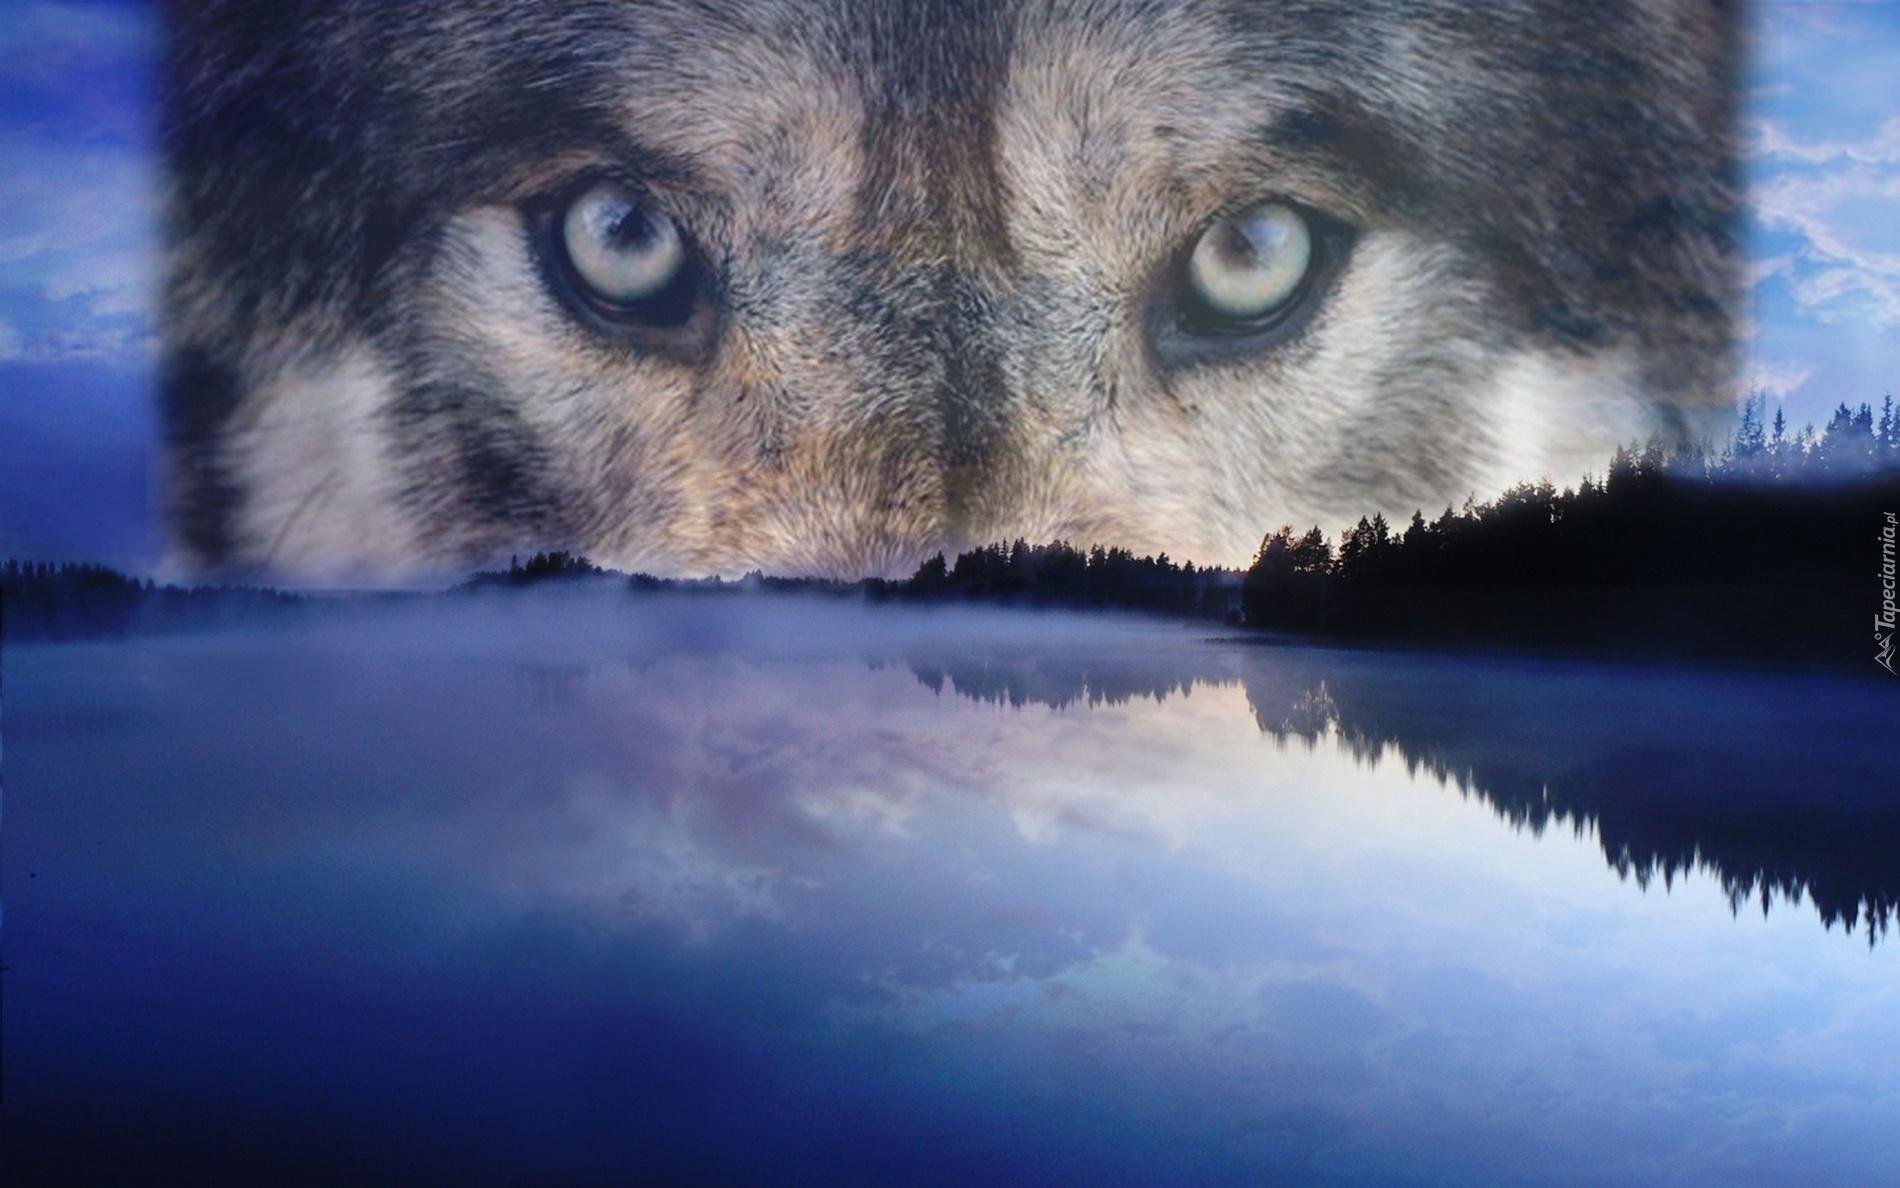 Картинки с волками афоризмами